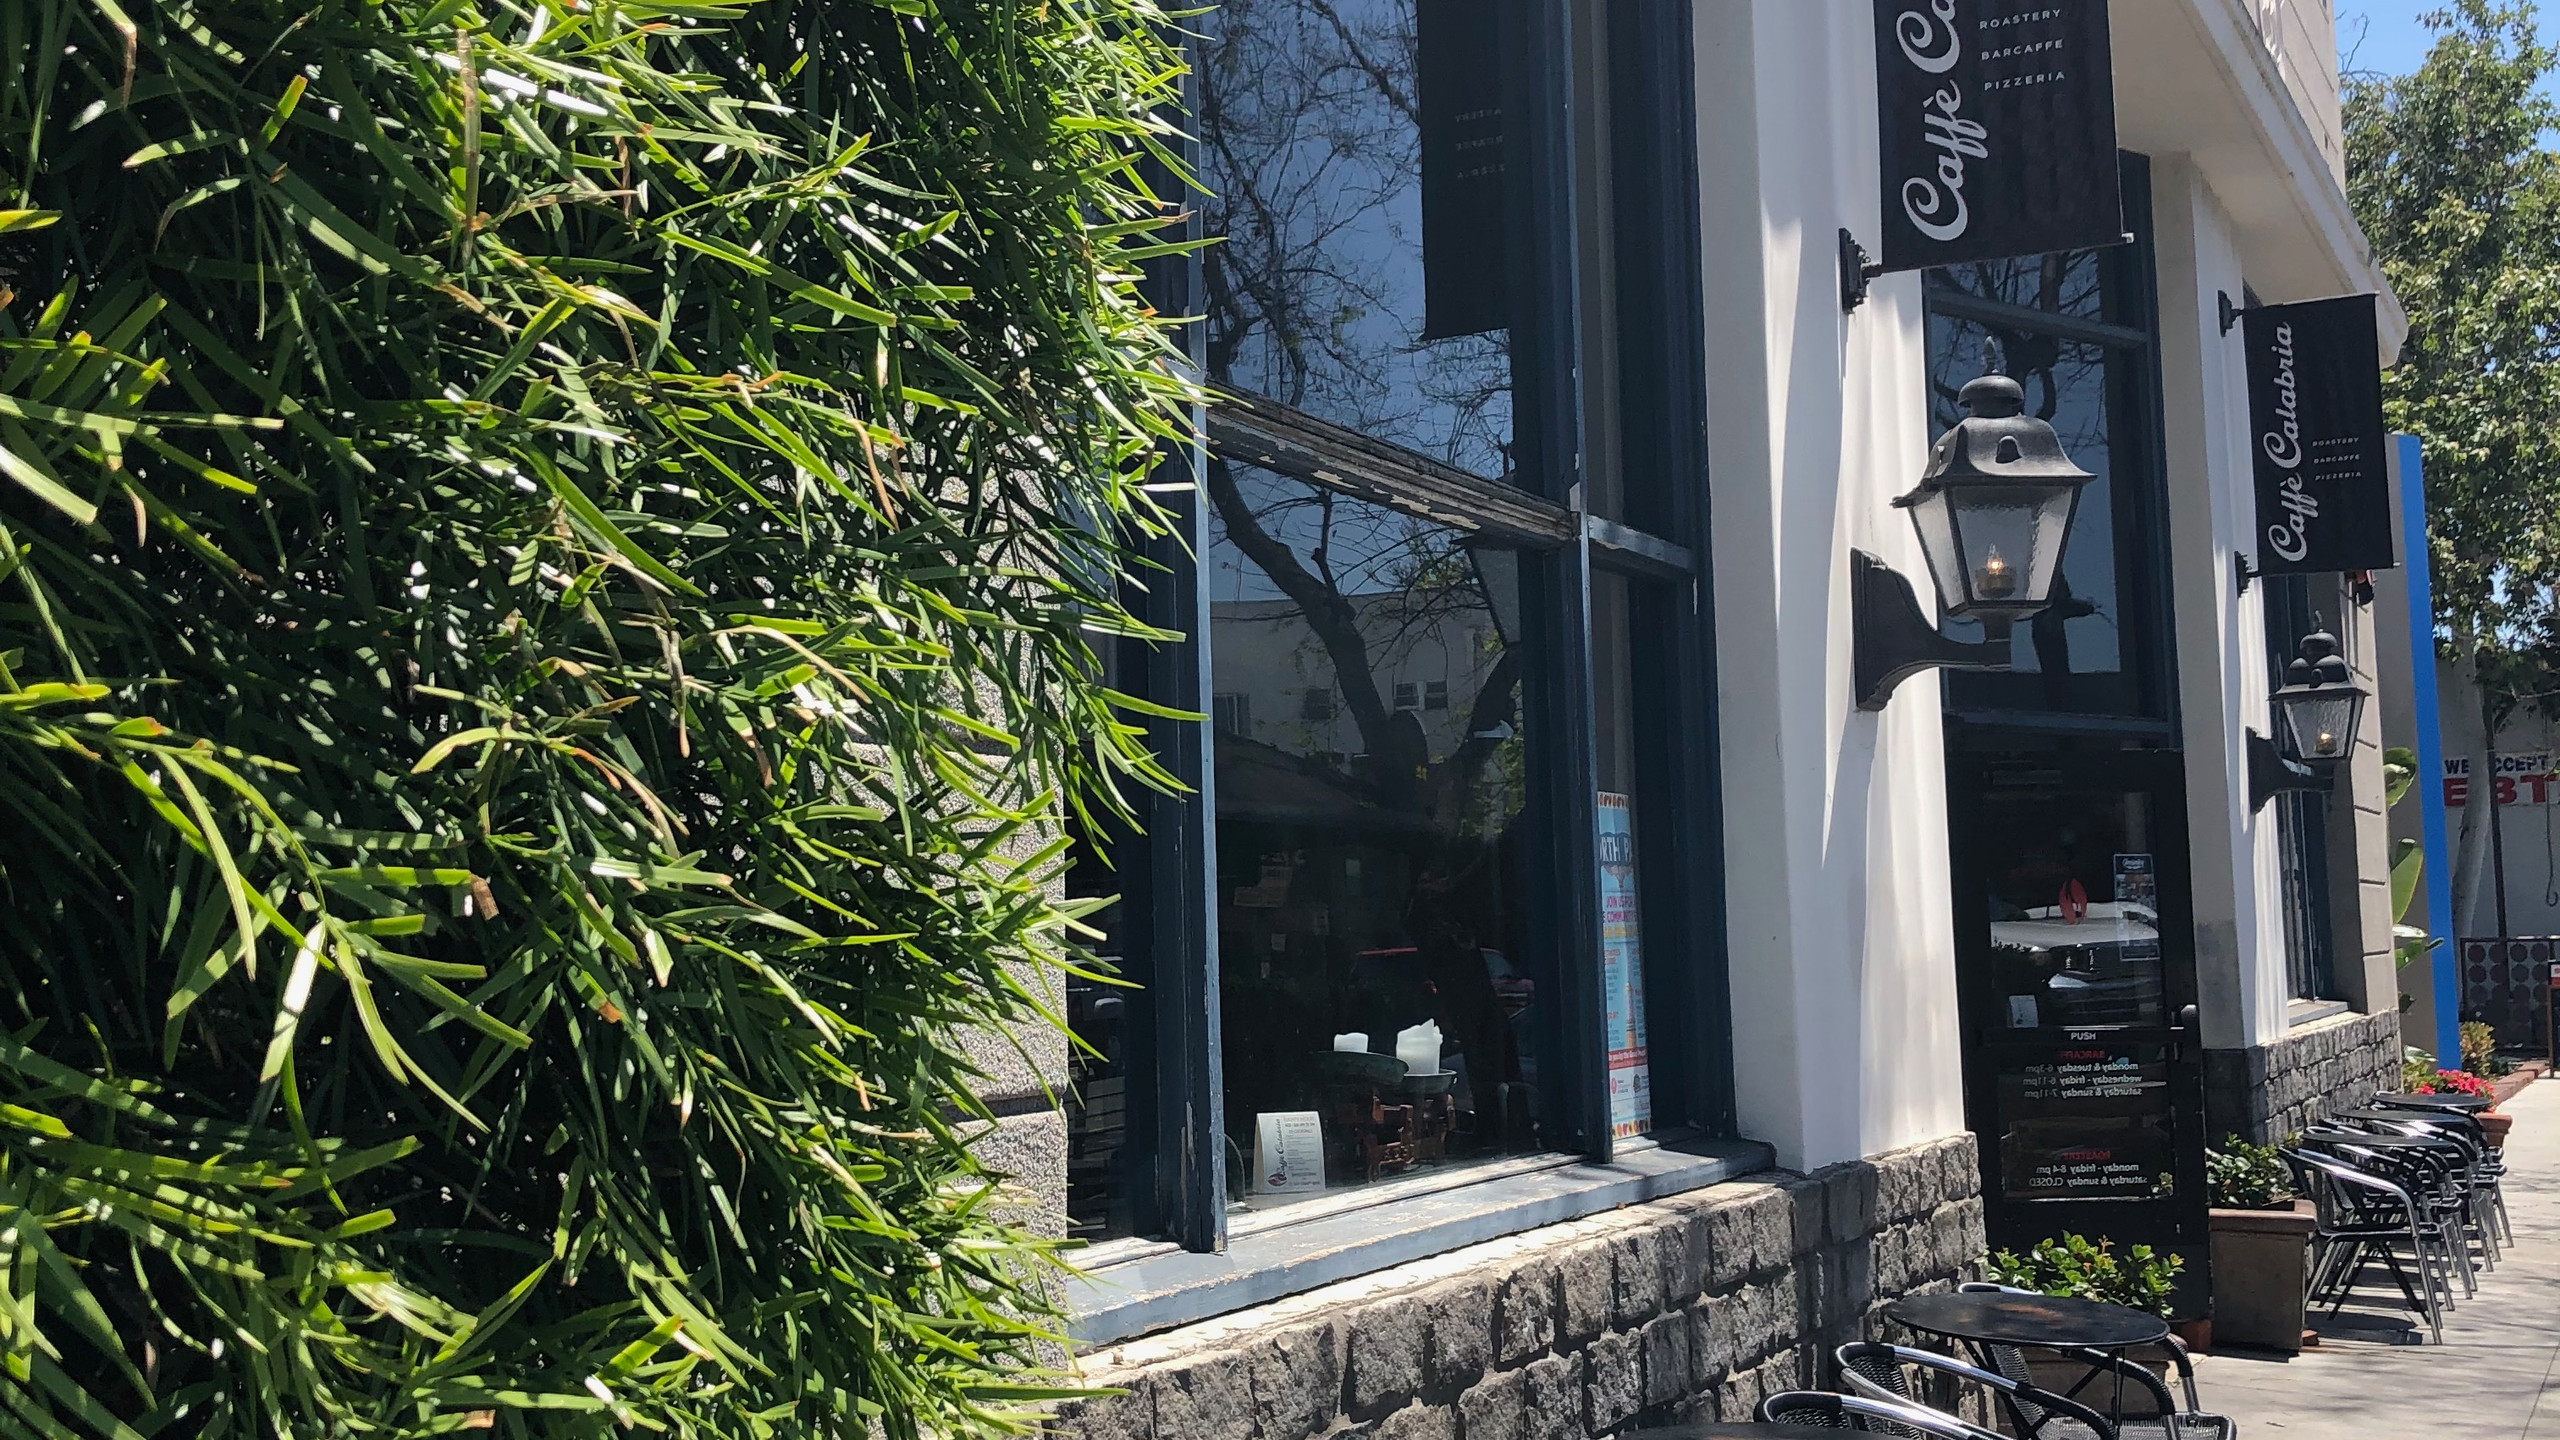 Exterior of Cafe Calabria North Park San Diego California